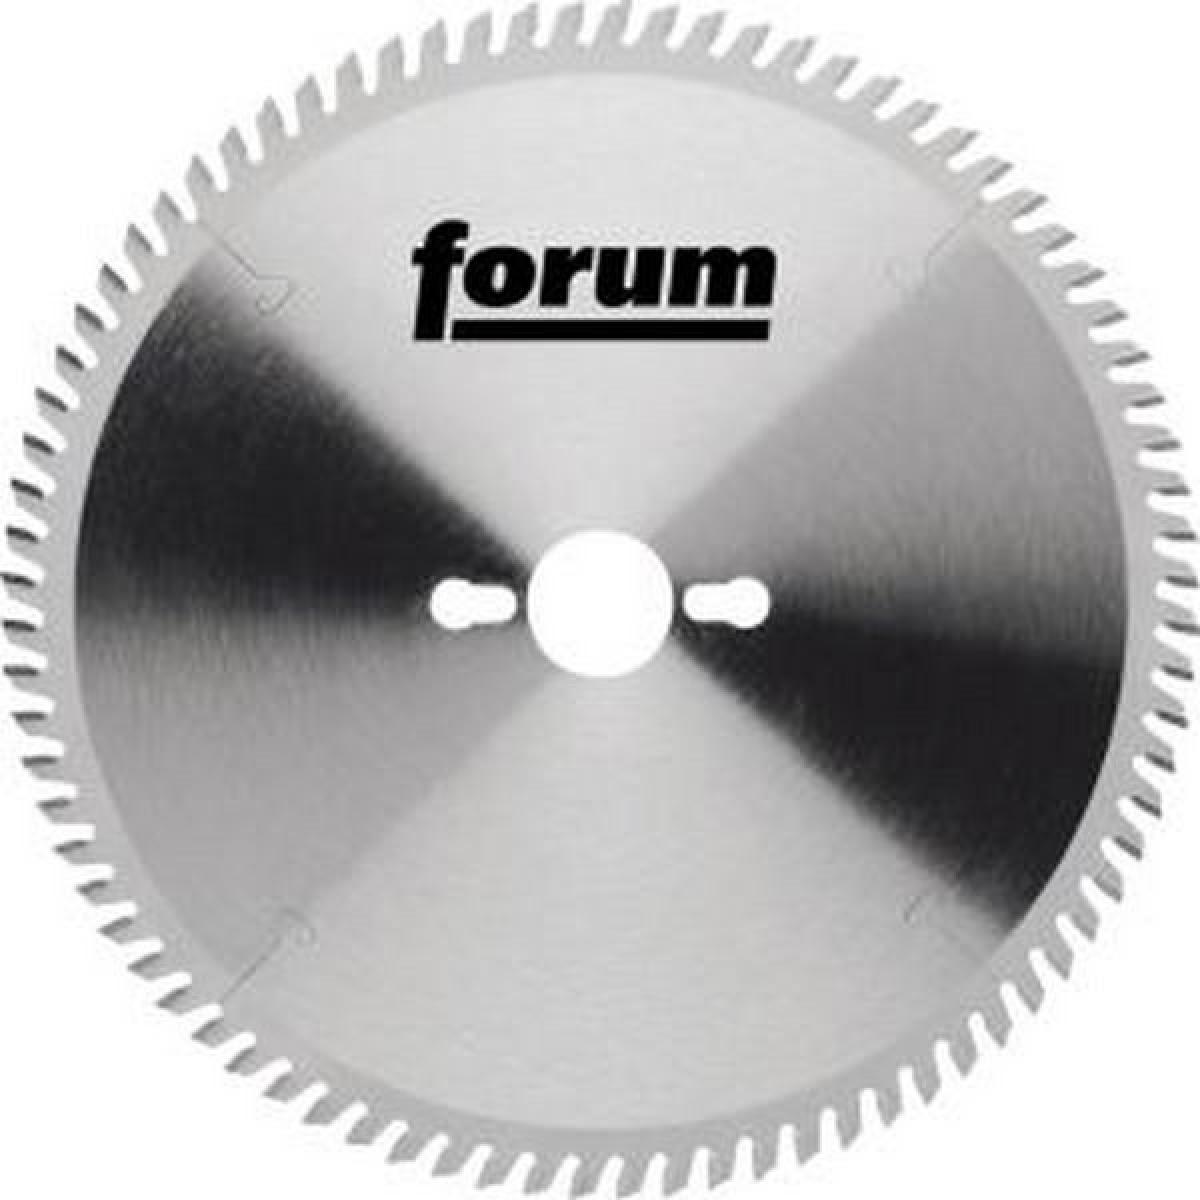 Forum Lame de scie circulaire, Ø : 315 mm, Larg. : 3,2 mm, Alésage 30 mm, Perçages secondaires : 2KNL*, Dents : 42